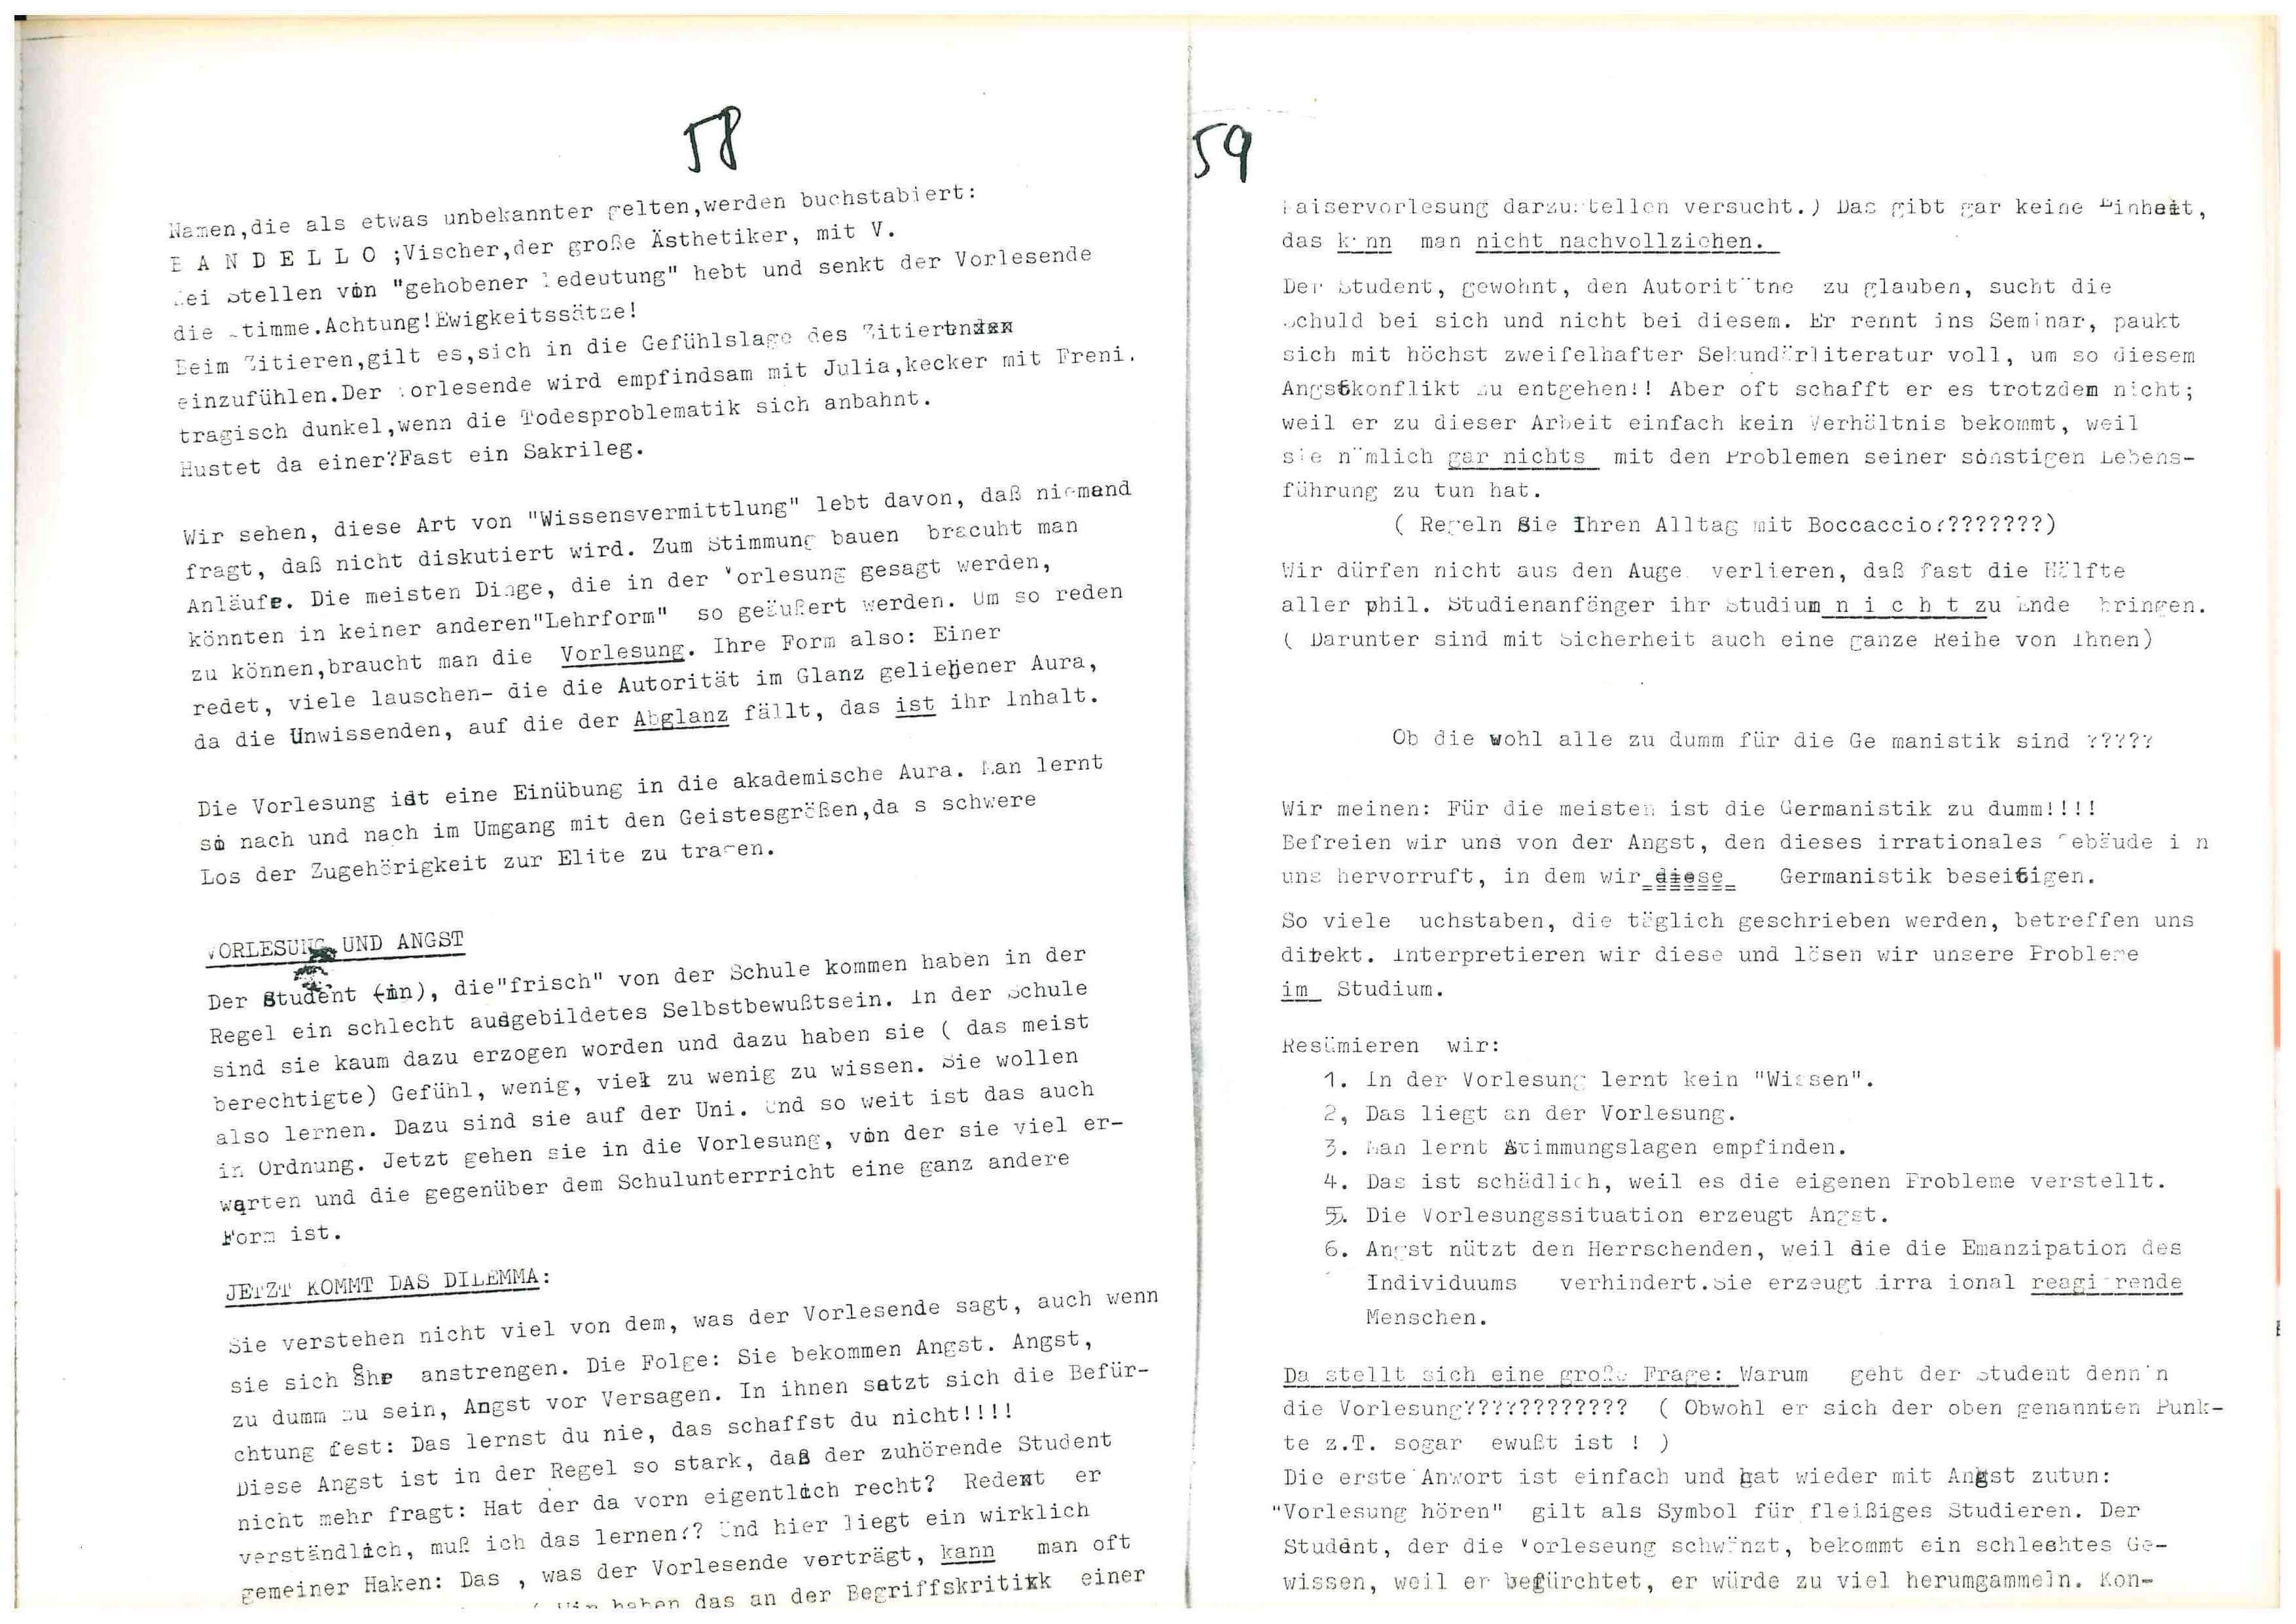 Basisgruppe-Fachschaft-Germanistik (Hrsg.): Institutspolitik Sommer 1969. dokumente, polemik, information, literarische politische analysen, demagie, manipulation, berichte, tatsachen, aufklärung, entschleierungen, lügen, Verallgemeinerungen: Unipolitik, o. O. 1969, S.58f.